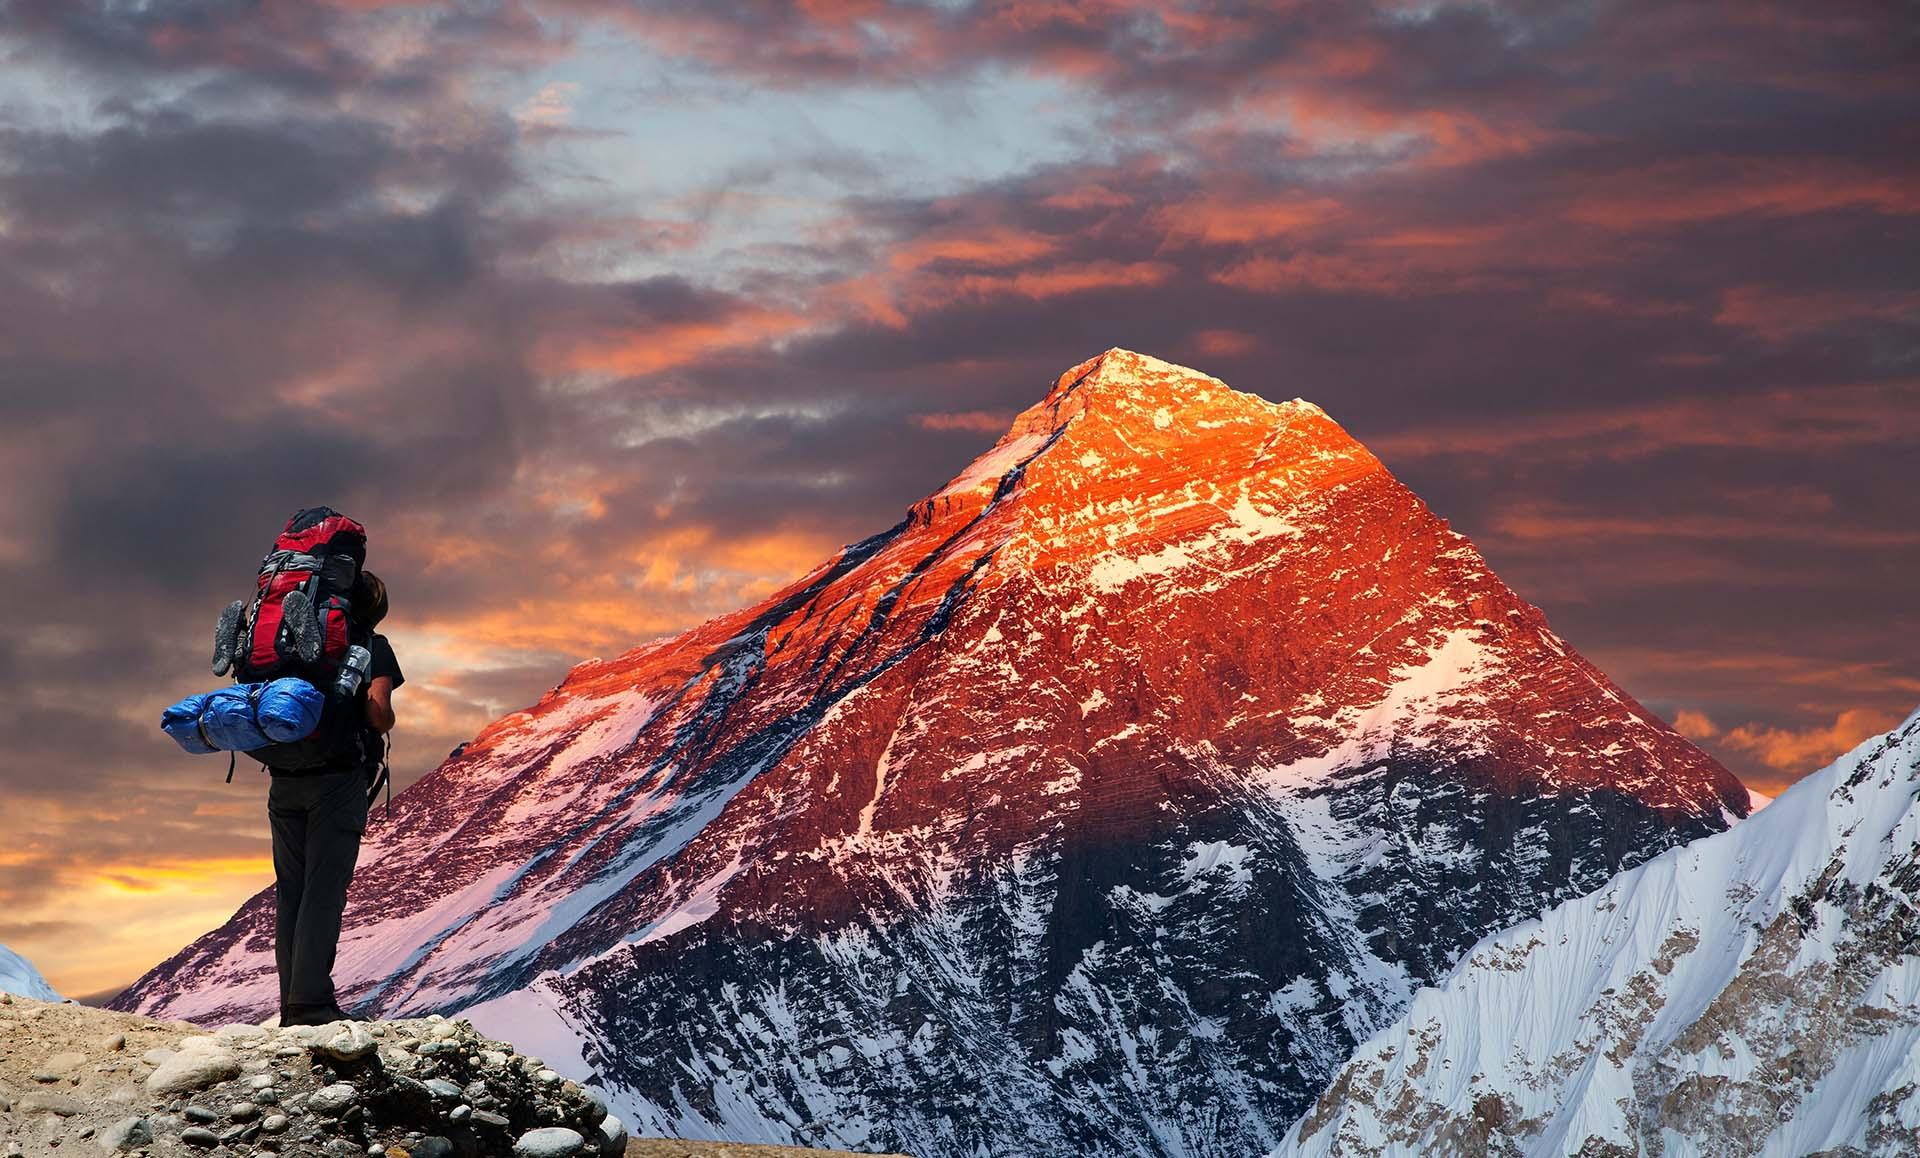 Asia también alberga la montaña más alta del mundo, el Monte Everest, con una altitud de 8848 metros sobre el nivel del mar. La montaña ha sido parte de récords adicionales a lo largo de los años, ya que los alpinistas frecuentemente rompen récords de escalada, e incluso fue el lugar de celebración del concierto de mayor altitud del mundo